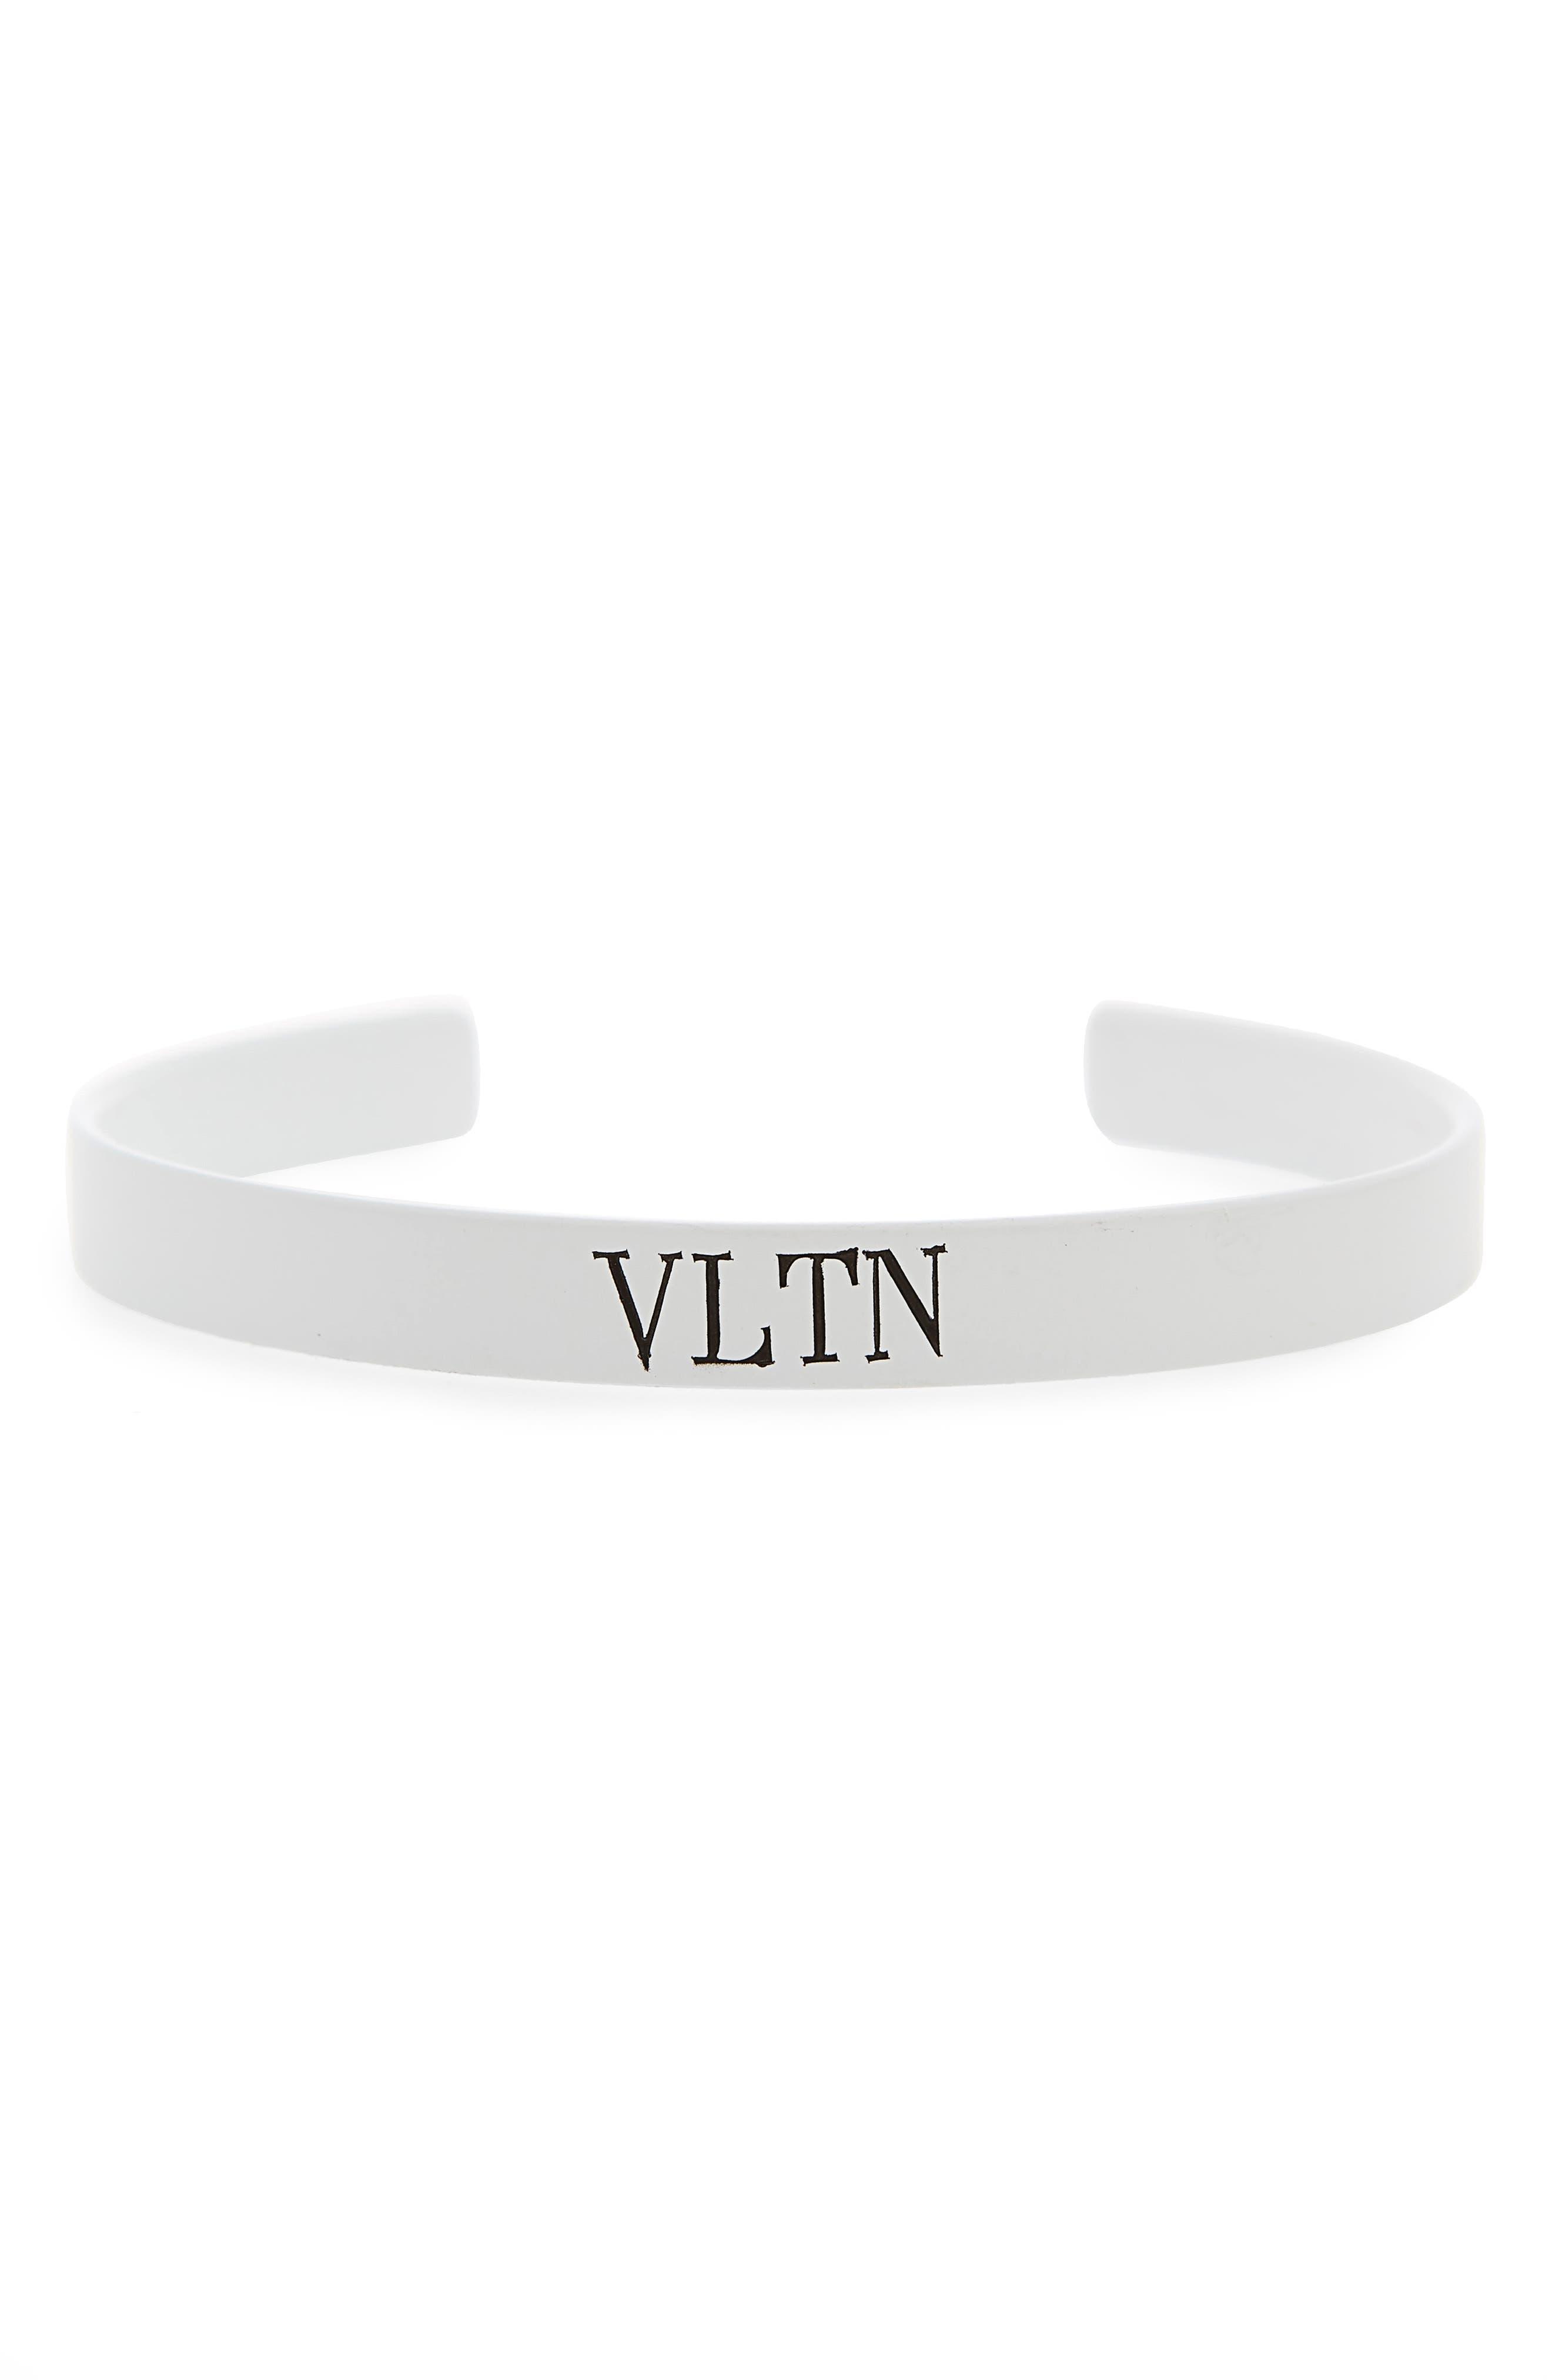 VLTN Small Cuff Bracelet,                         Main,                         color, Bianco/ Nero